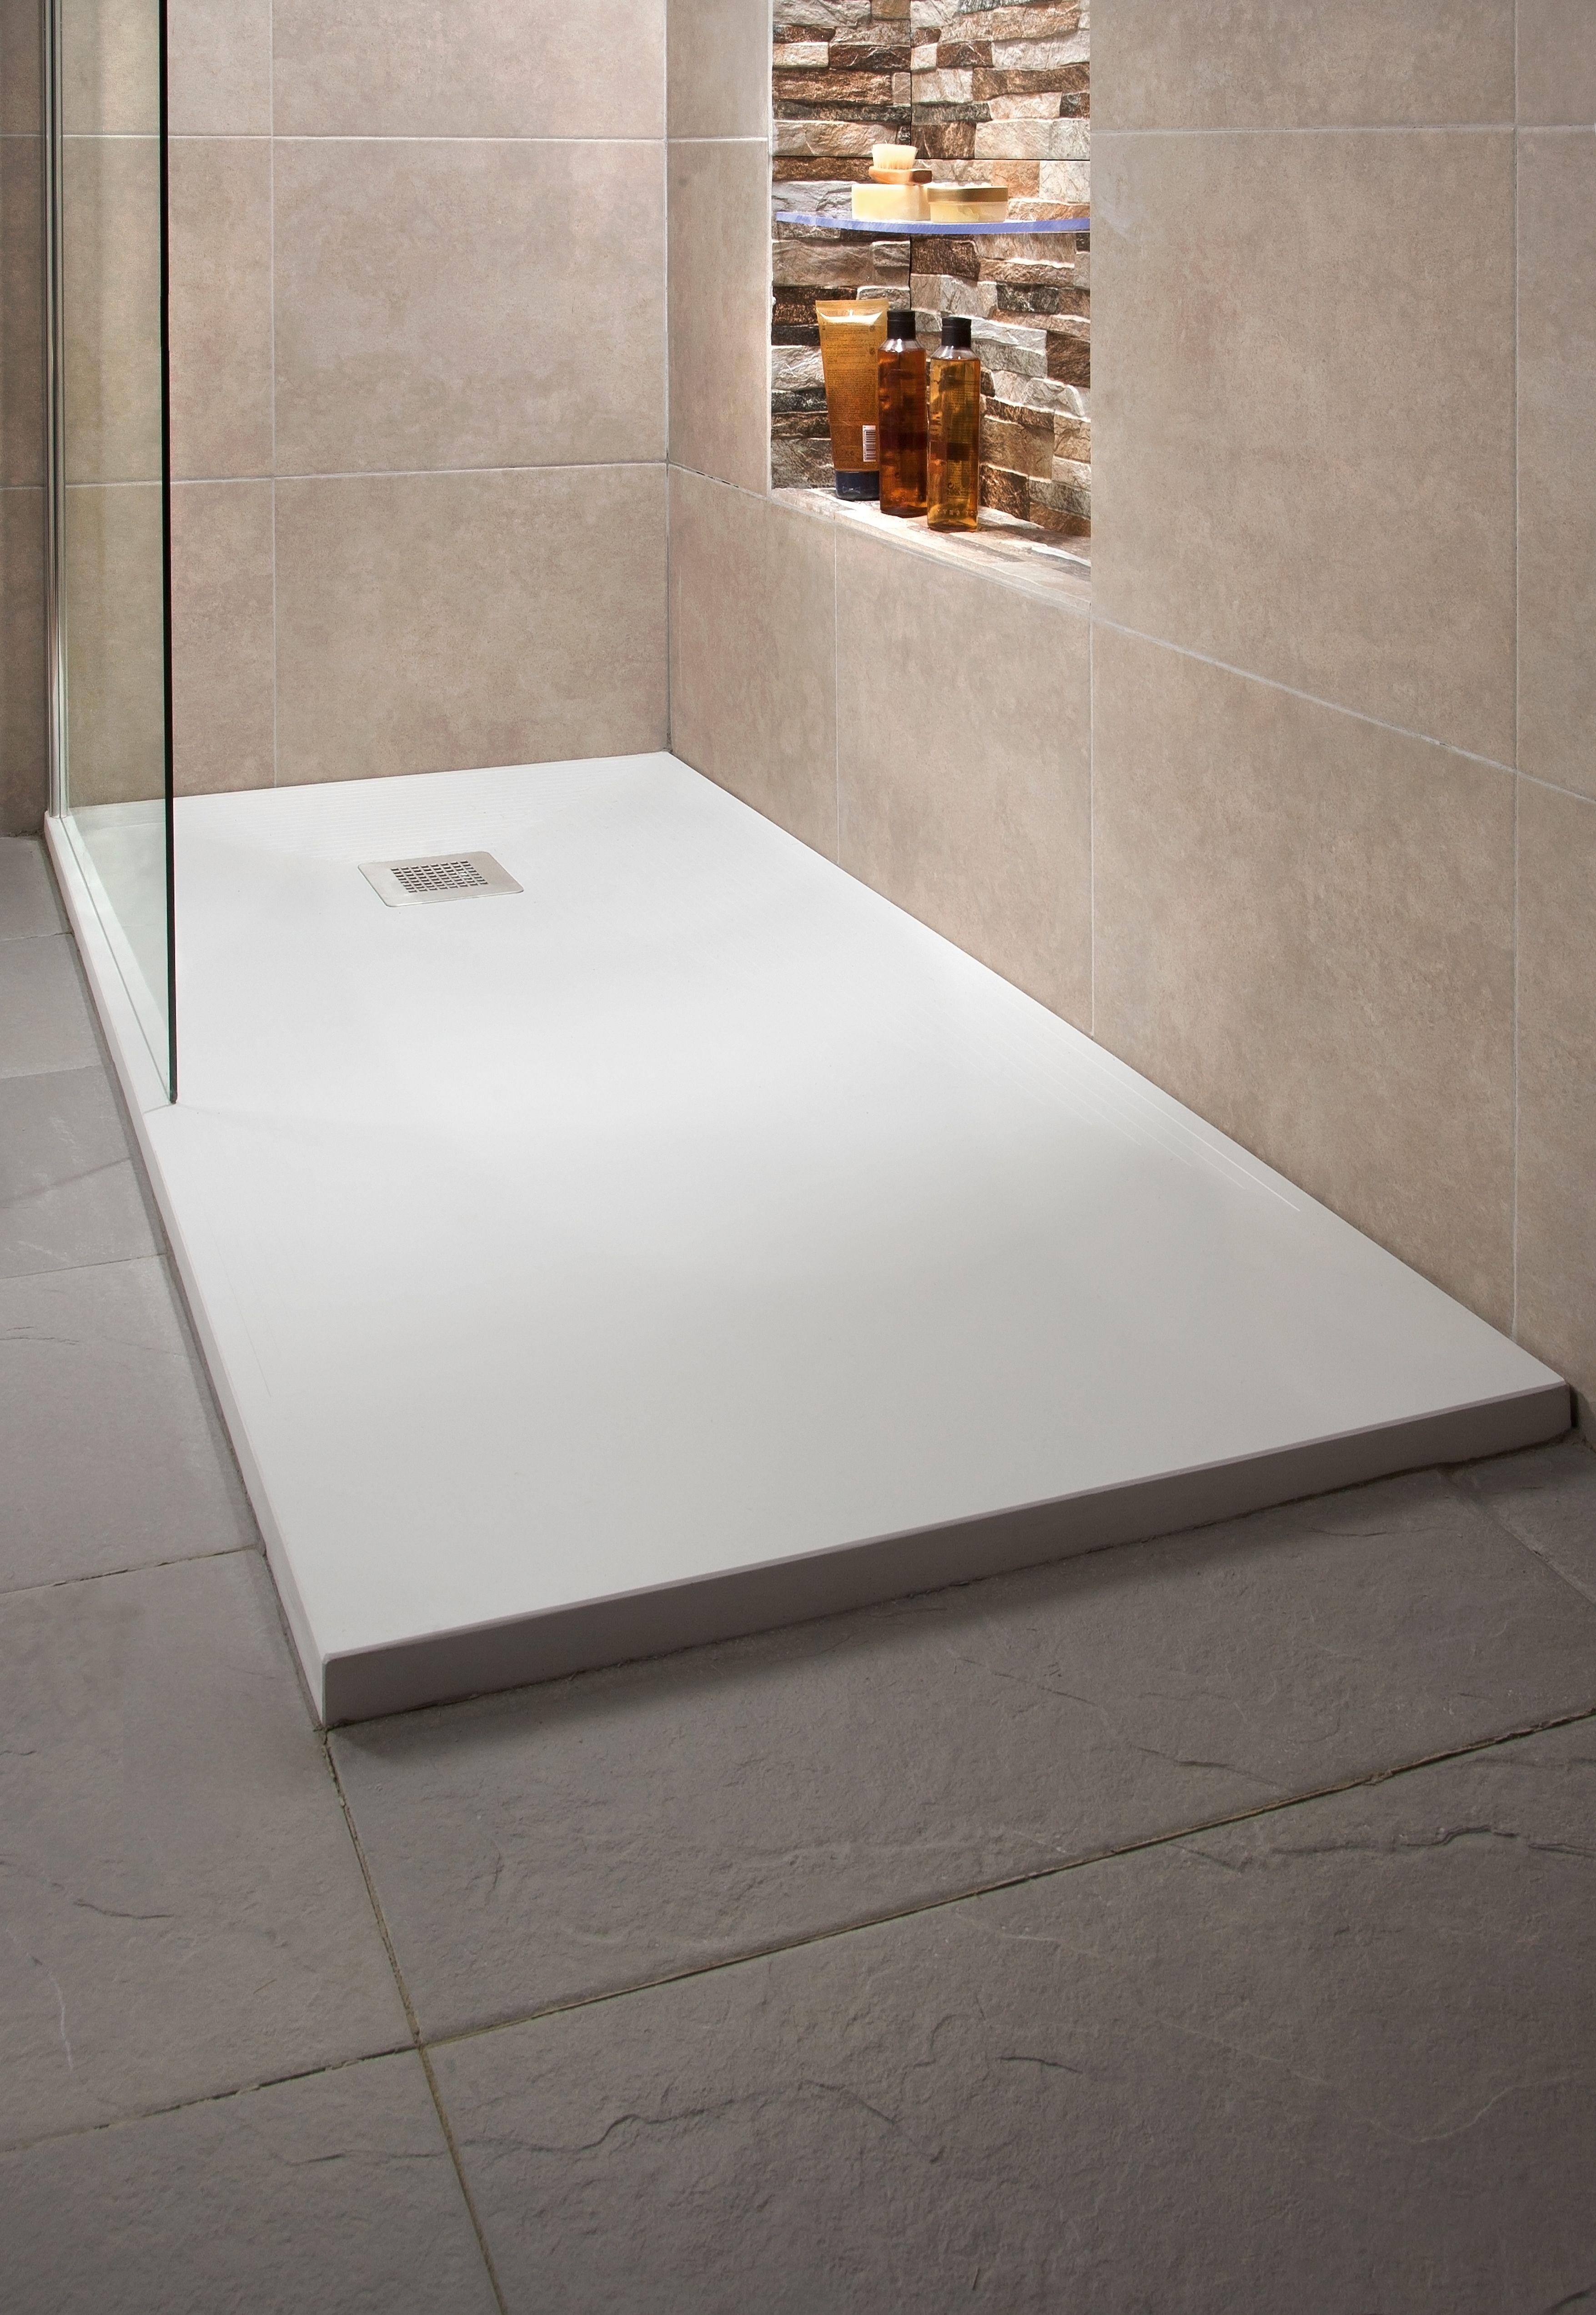 Duchas A Medida Leroy Merlin For The Home Bathtub